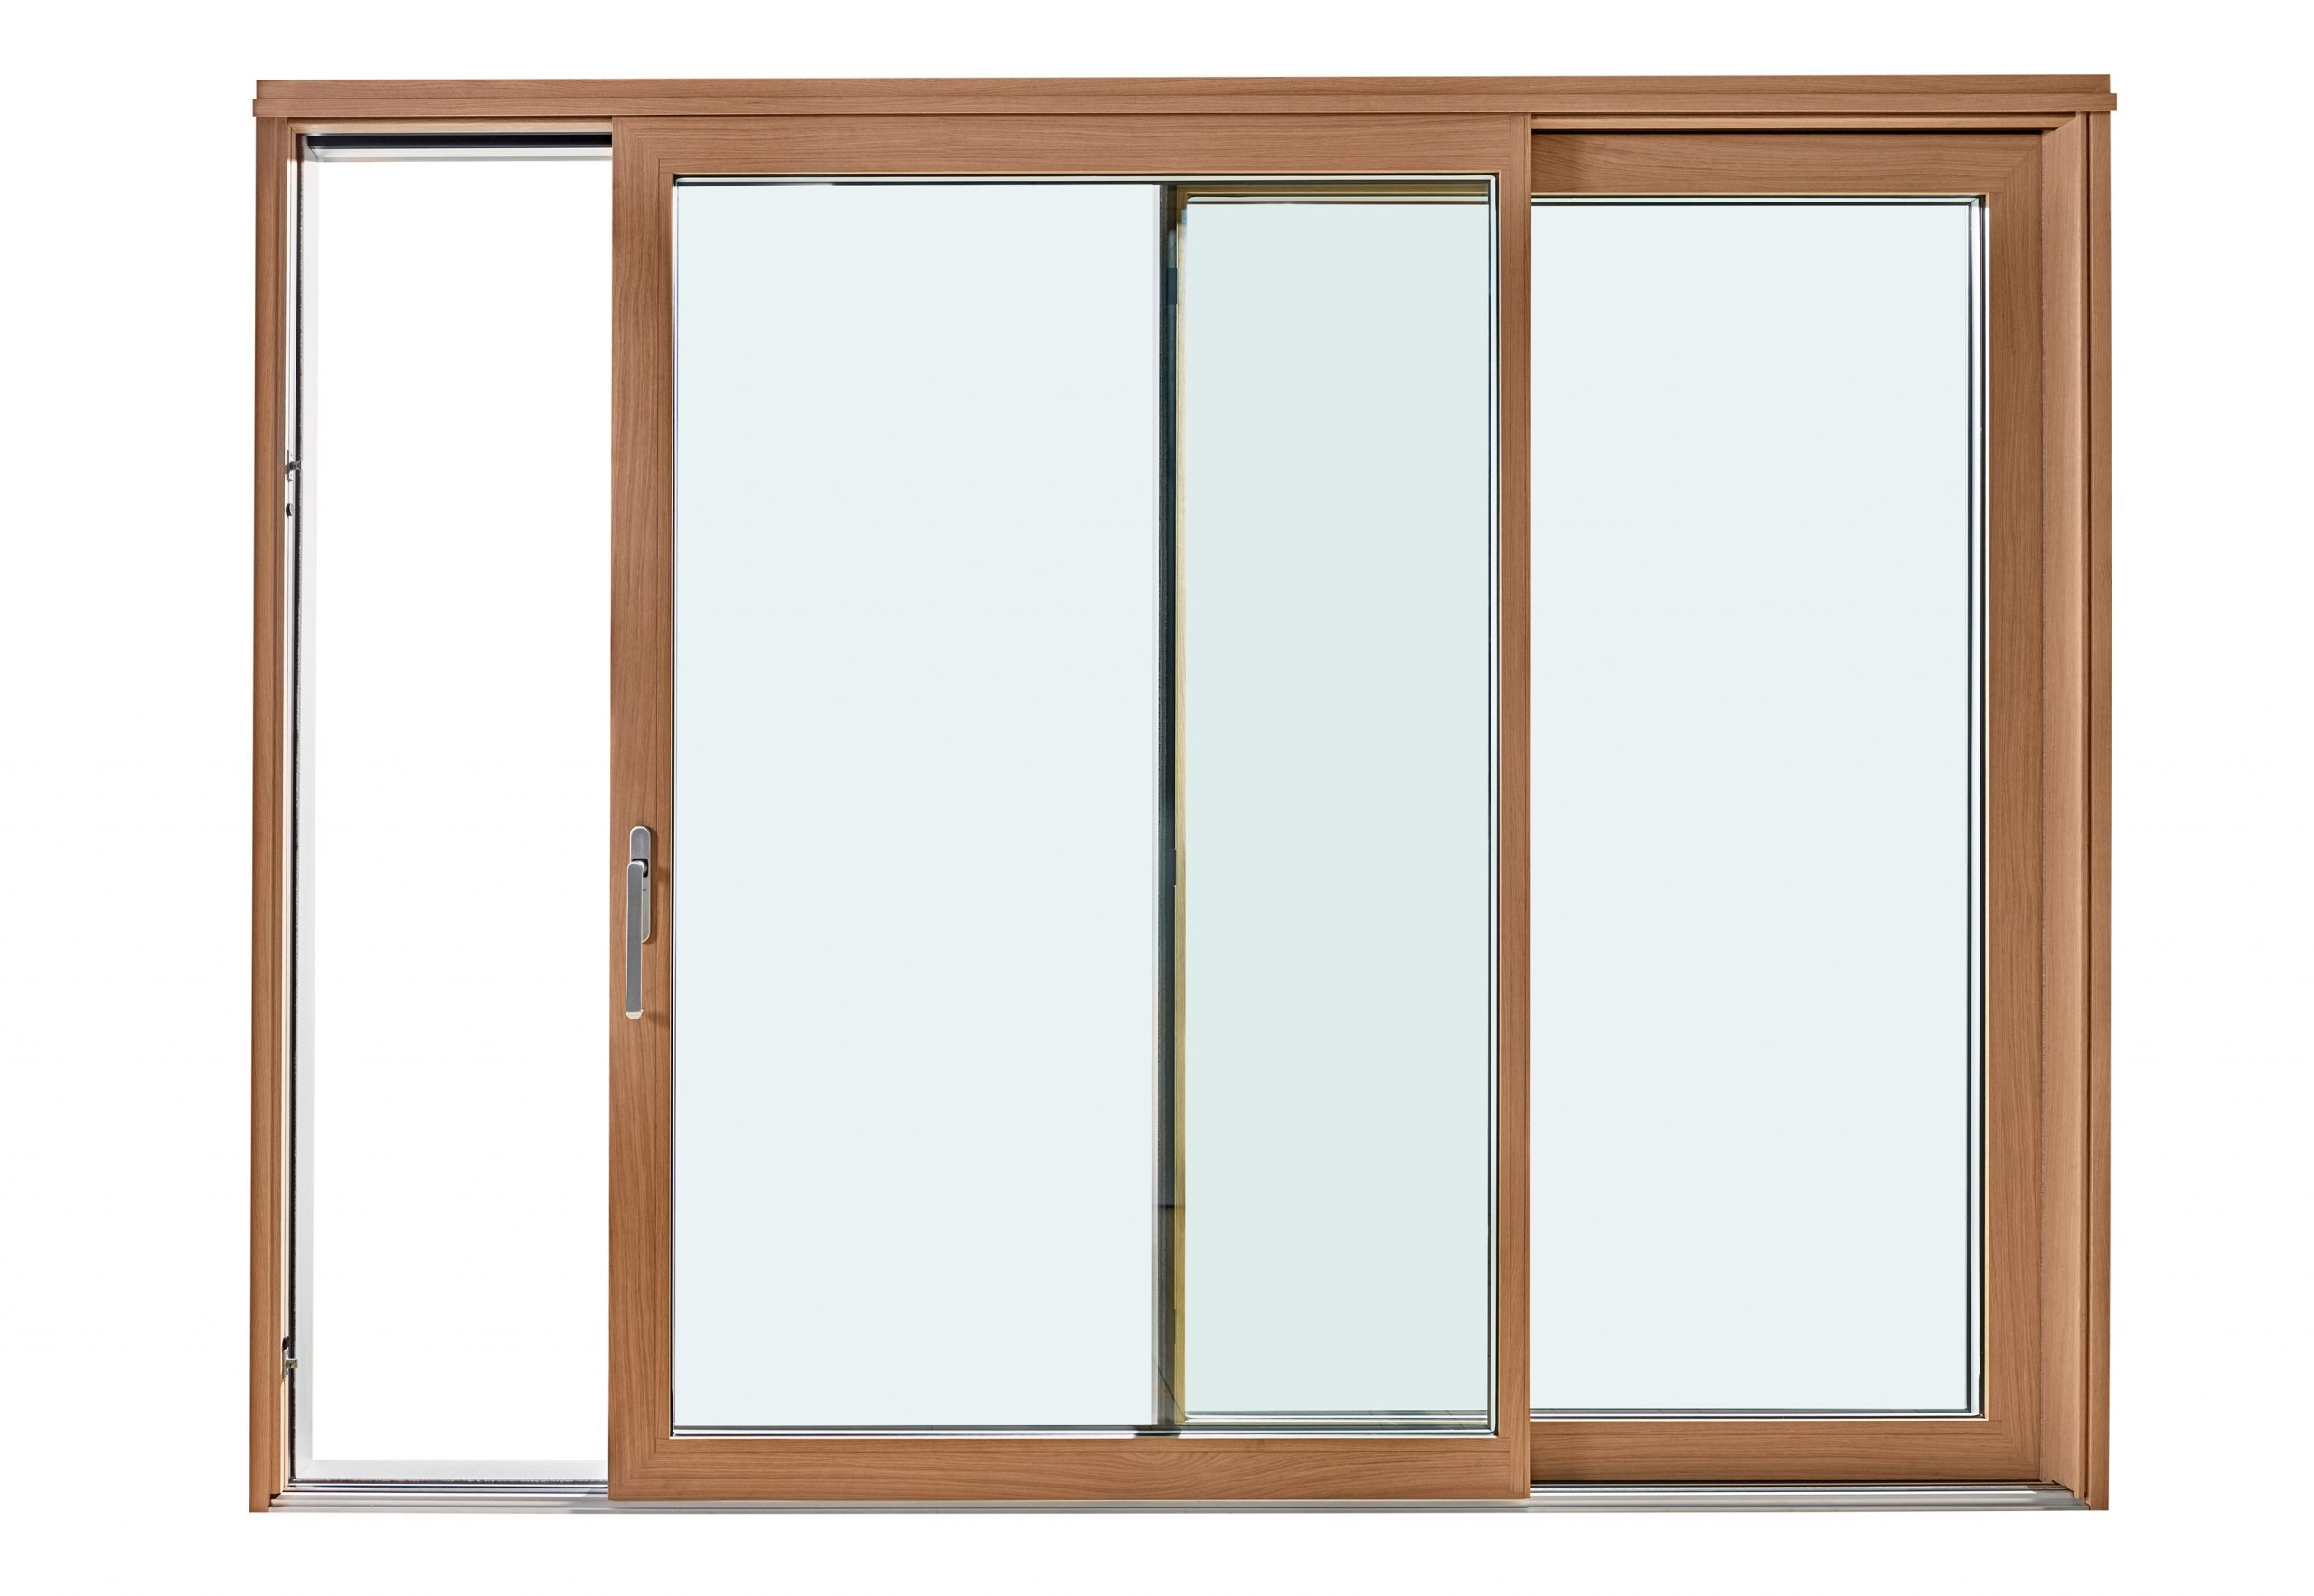 Full Size of Schüco Fenster Kaufen Aus Aluminium Und Holz Schco Smartwood By Maße Türen Einbruchschutz Insektenschutz Duschen Mit Eingebauten Rolladen Einbruchsicherung Fenster Schüco Fenster Kaufen